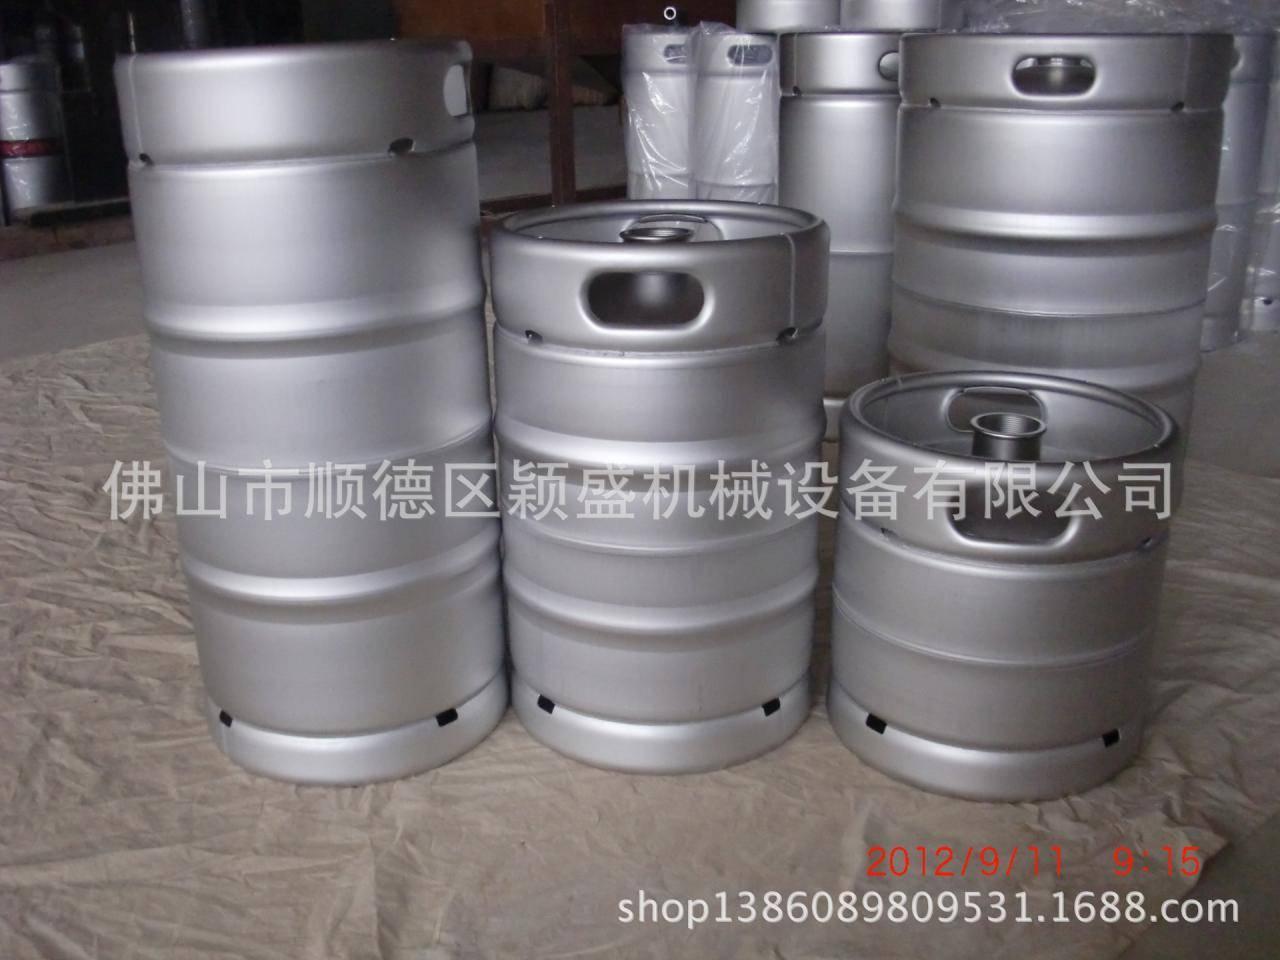 啤酒桶价格-酒吧一桶啤酒多少钱-大麦丫-精酿啤酒连锁超市,工厂店平价酒吧免费加盟